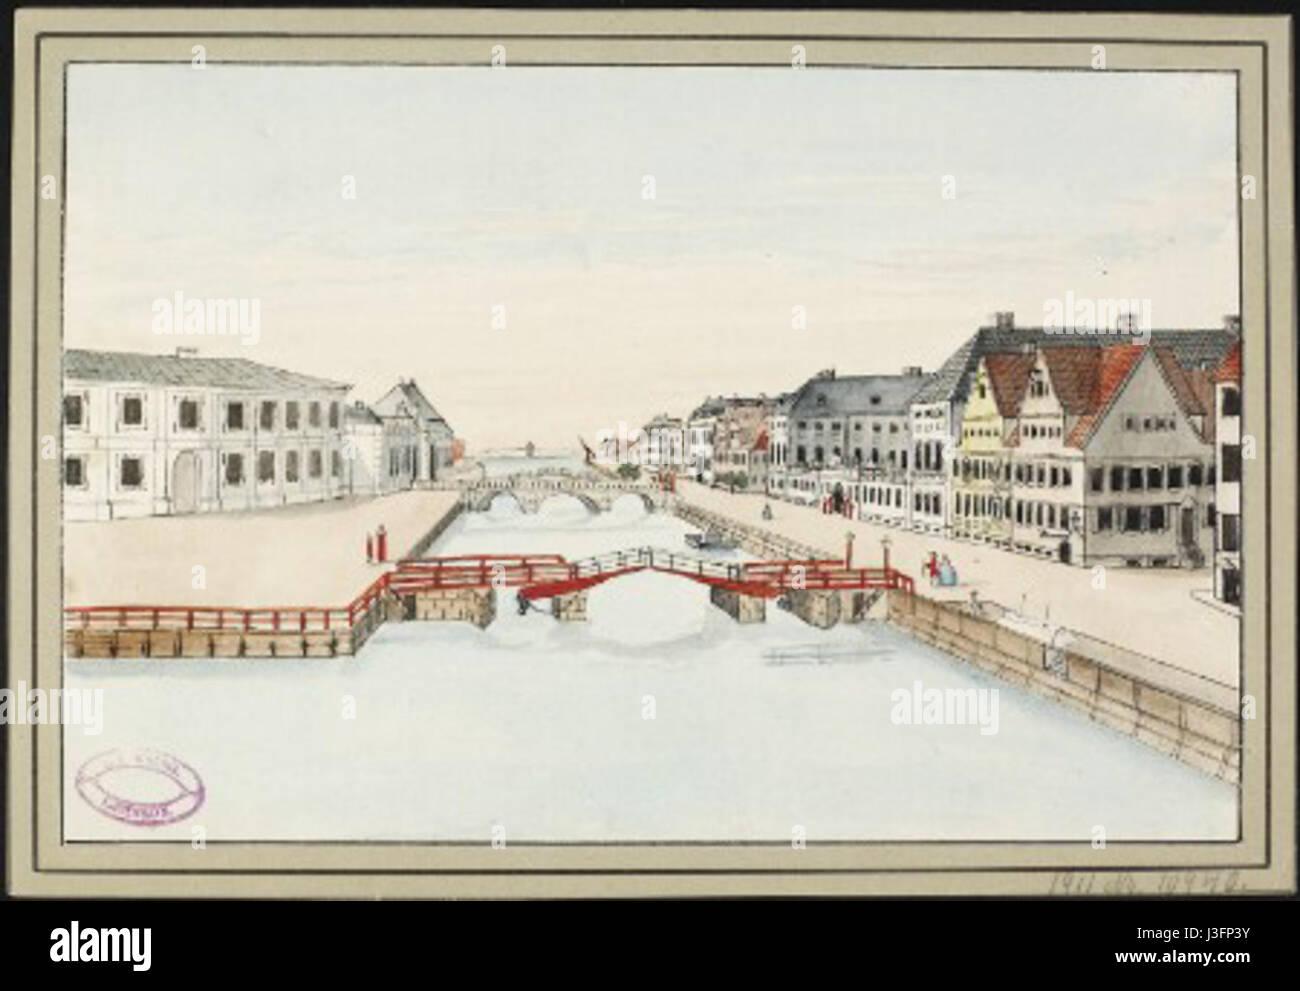 Frederiksholms Kanal old drawing - Stock Image